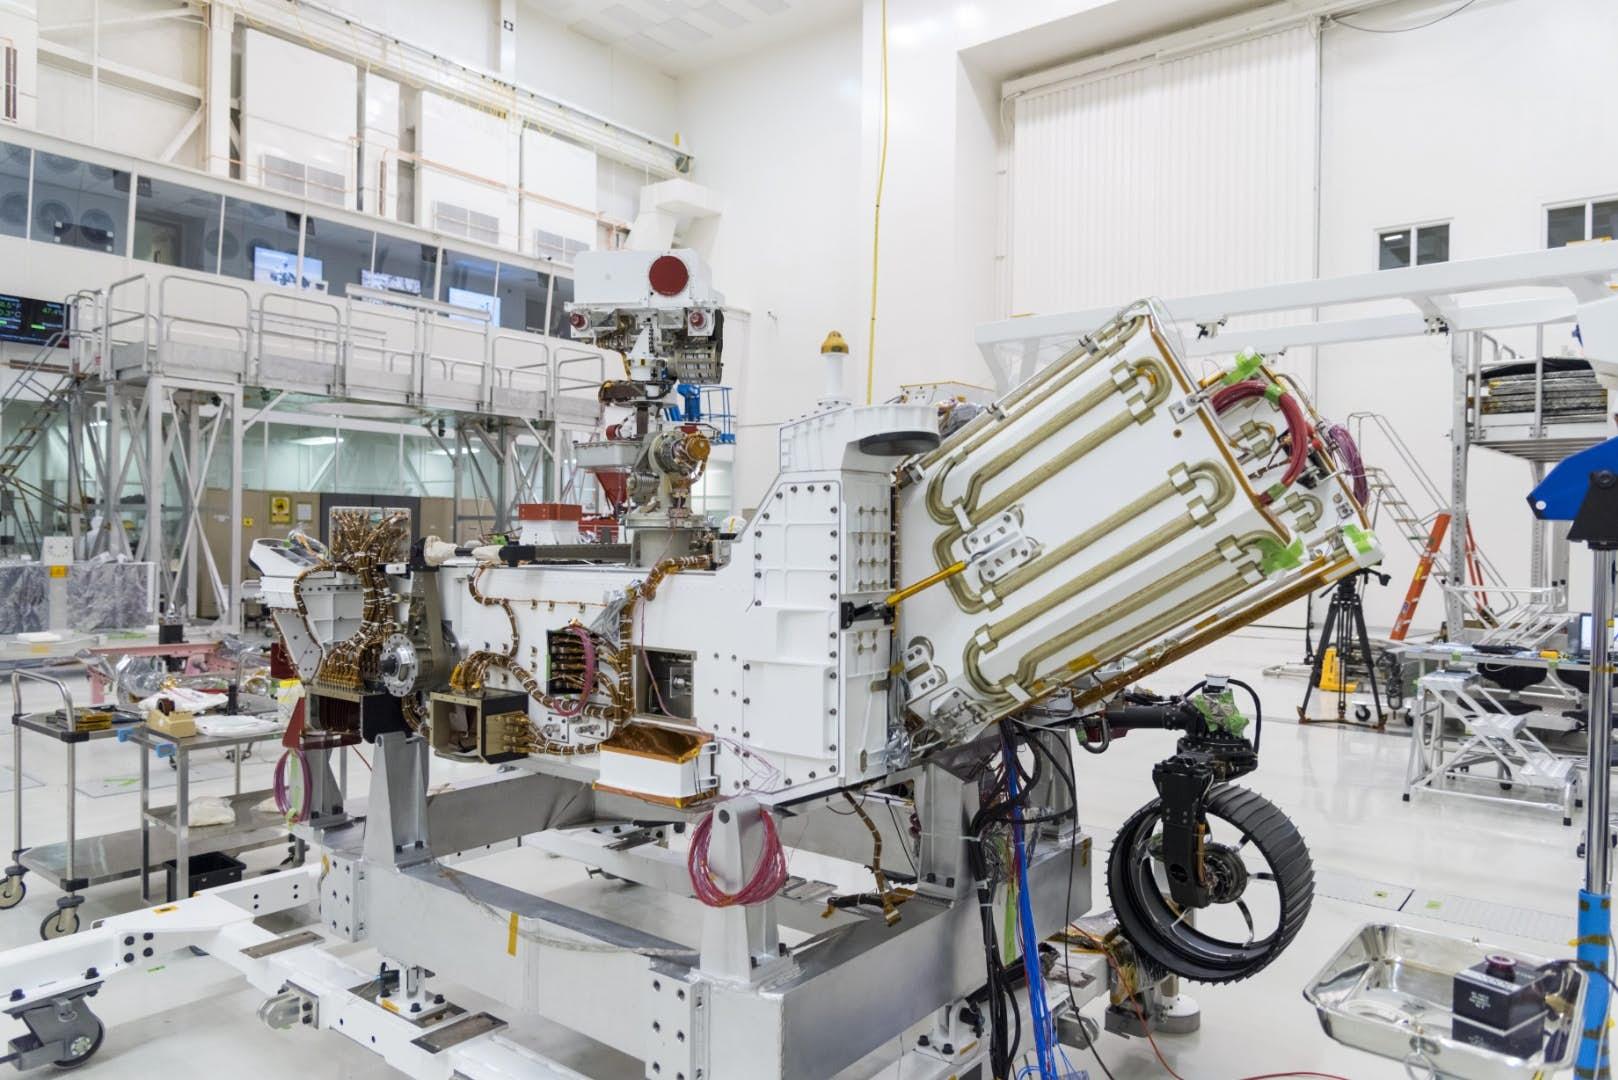 Palivový článek MMRTG roveru Mars 2020 (šikmo umístěná jednotka vpravé části konstrukce roveru). Kredit: NASA/JPL-Caltech.